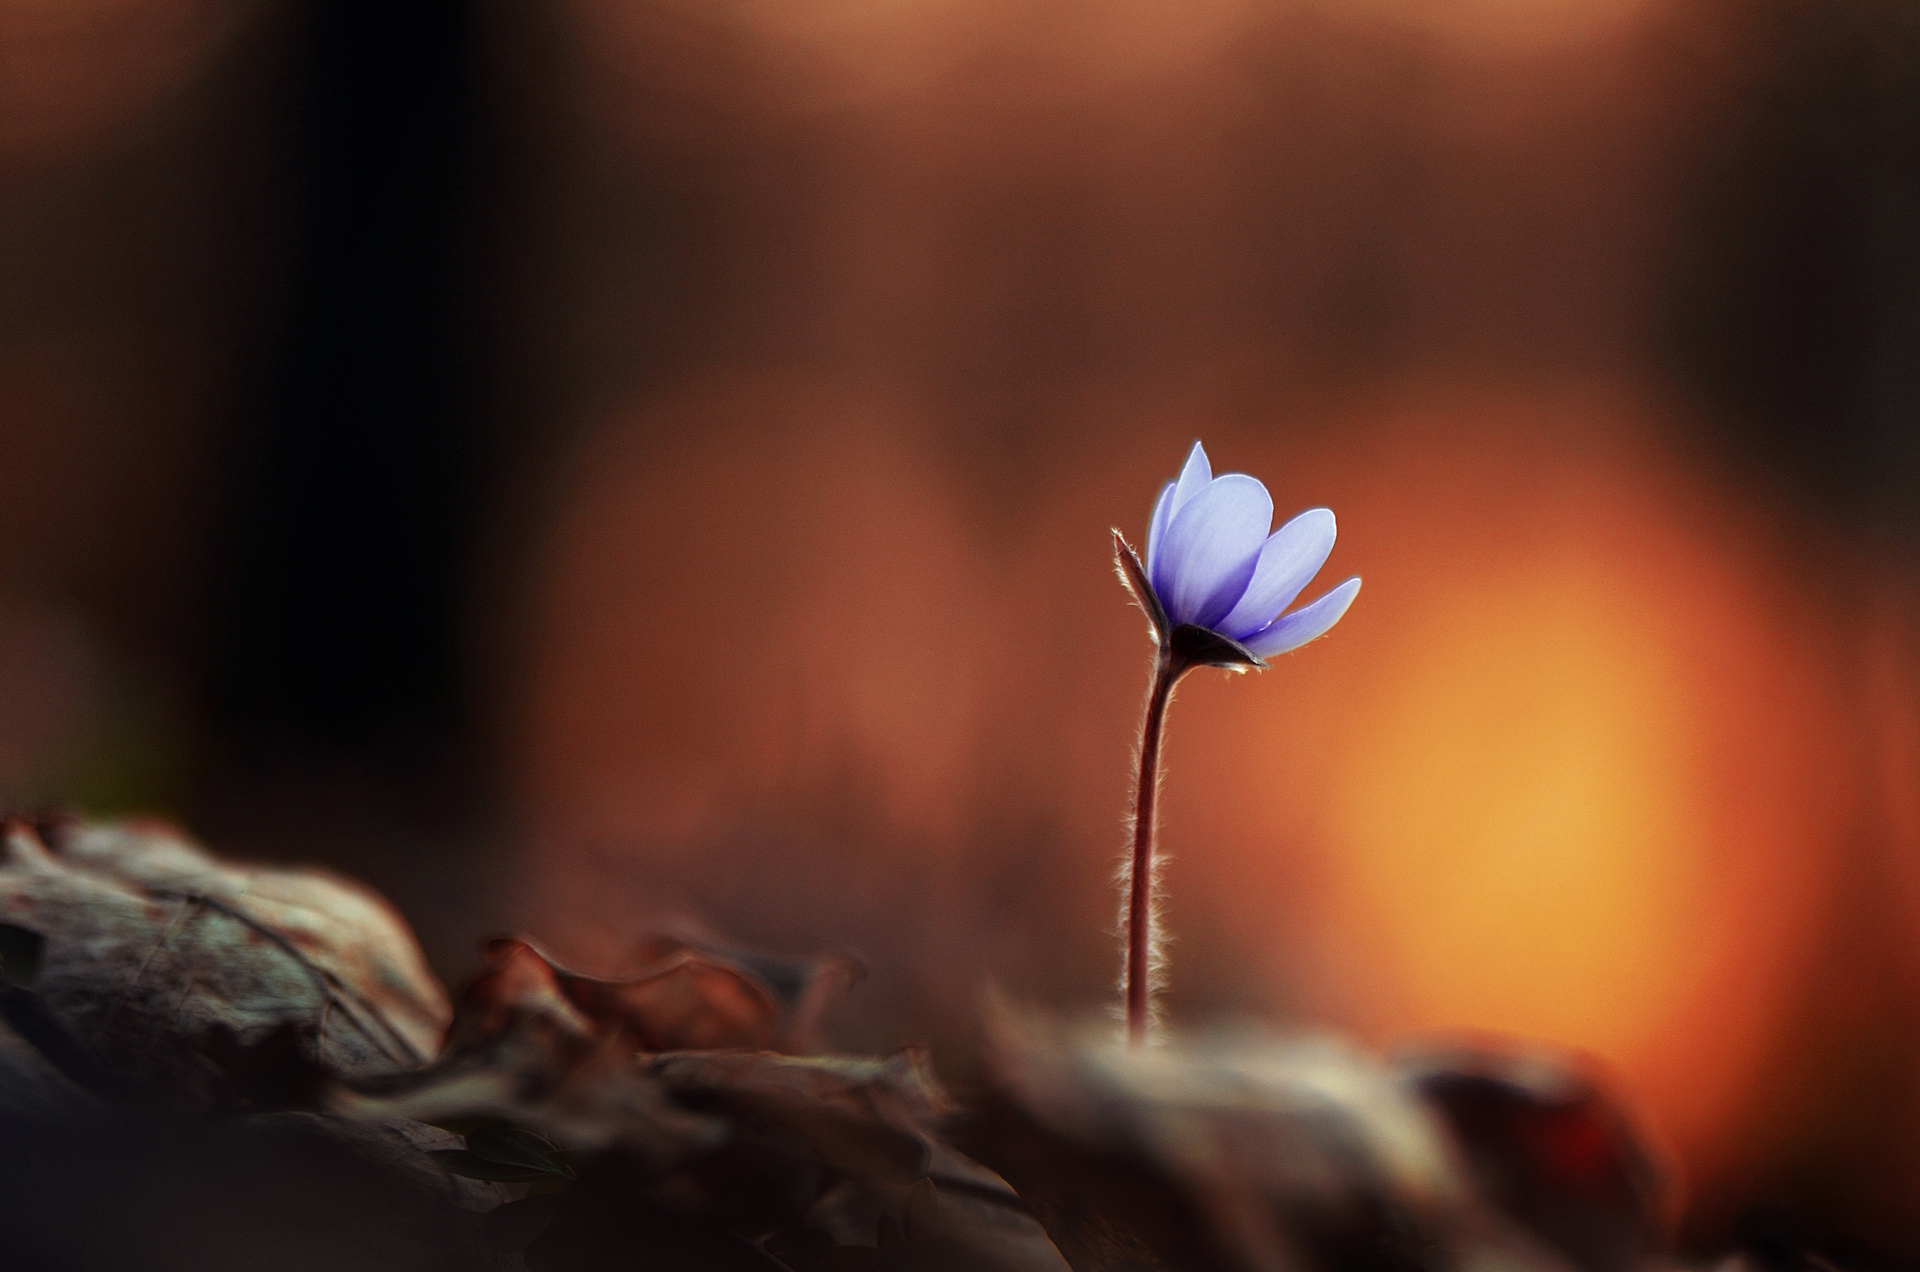 macro, flowers, nature, macrophoto, silence, весна, цветы, макро, природа, тишина, вчувствование, Быканова Виктория